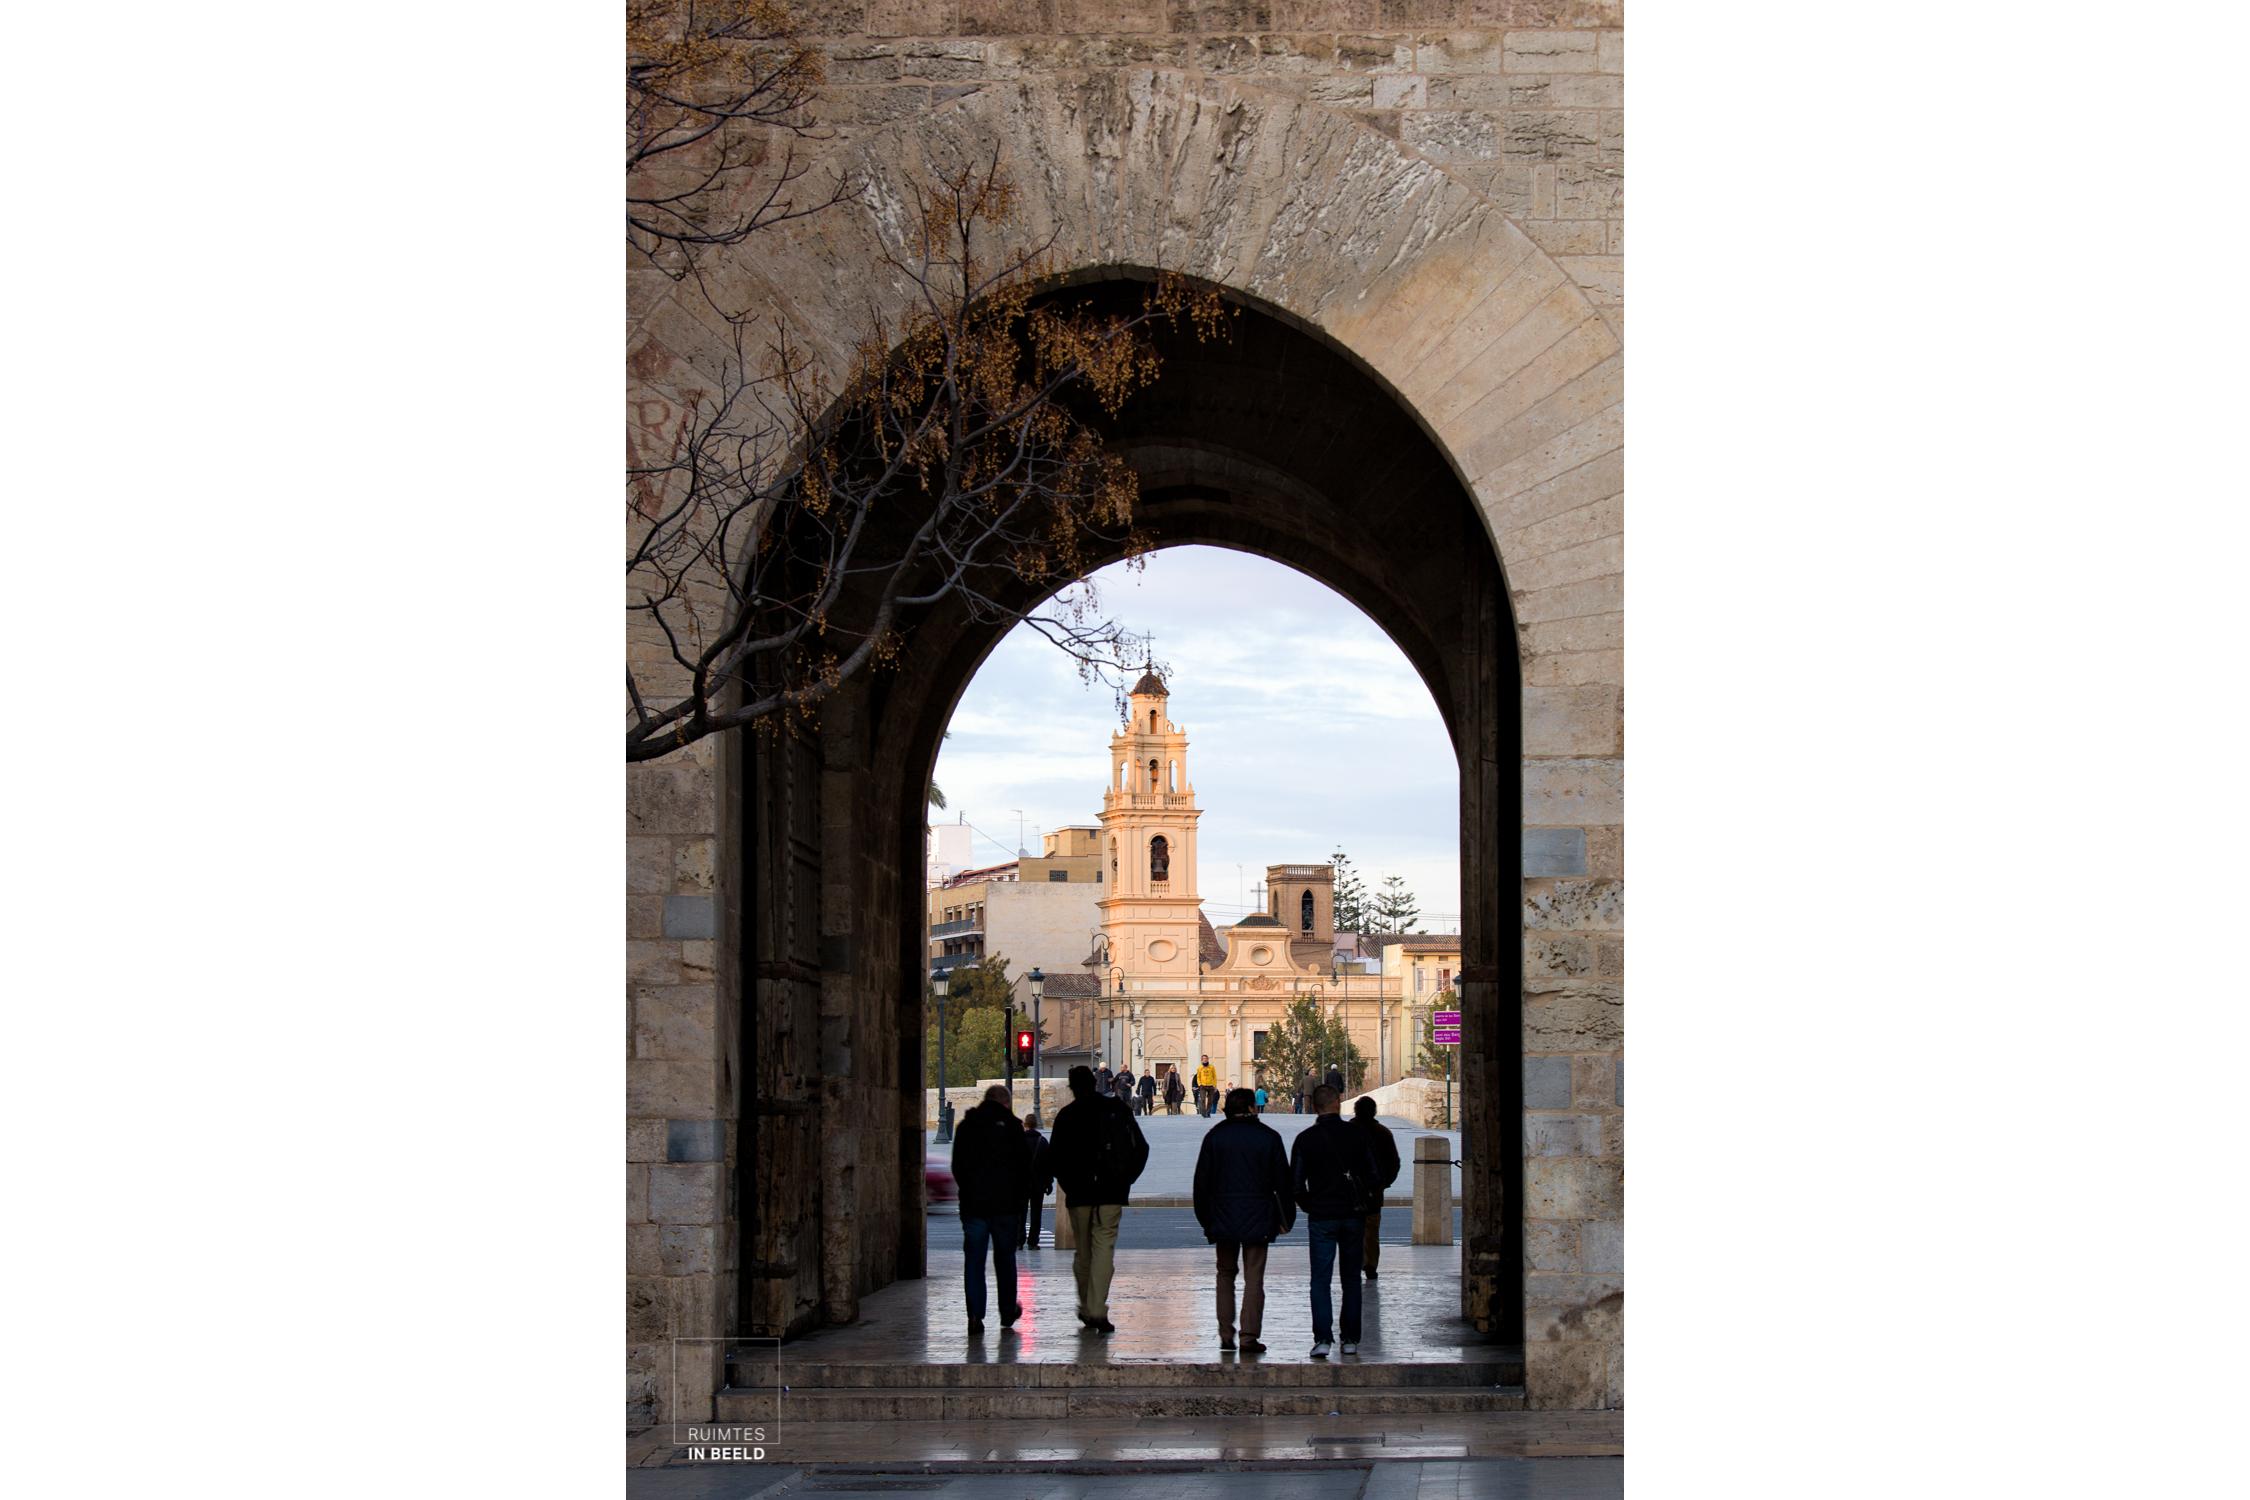 Stadspoort in Valencia, Spanje | City gate in Valencia, Spain